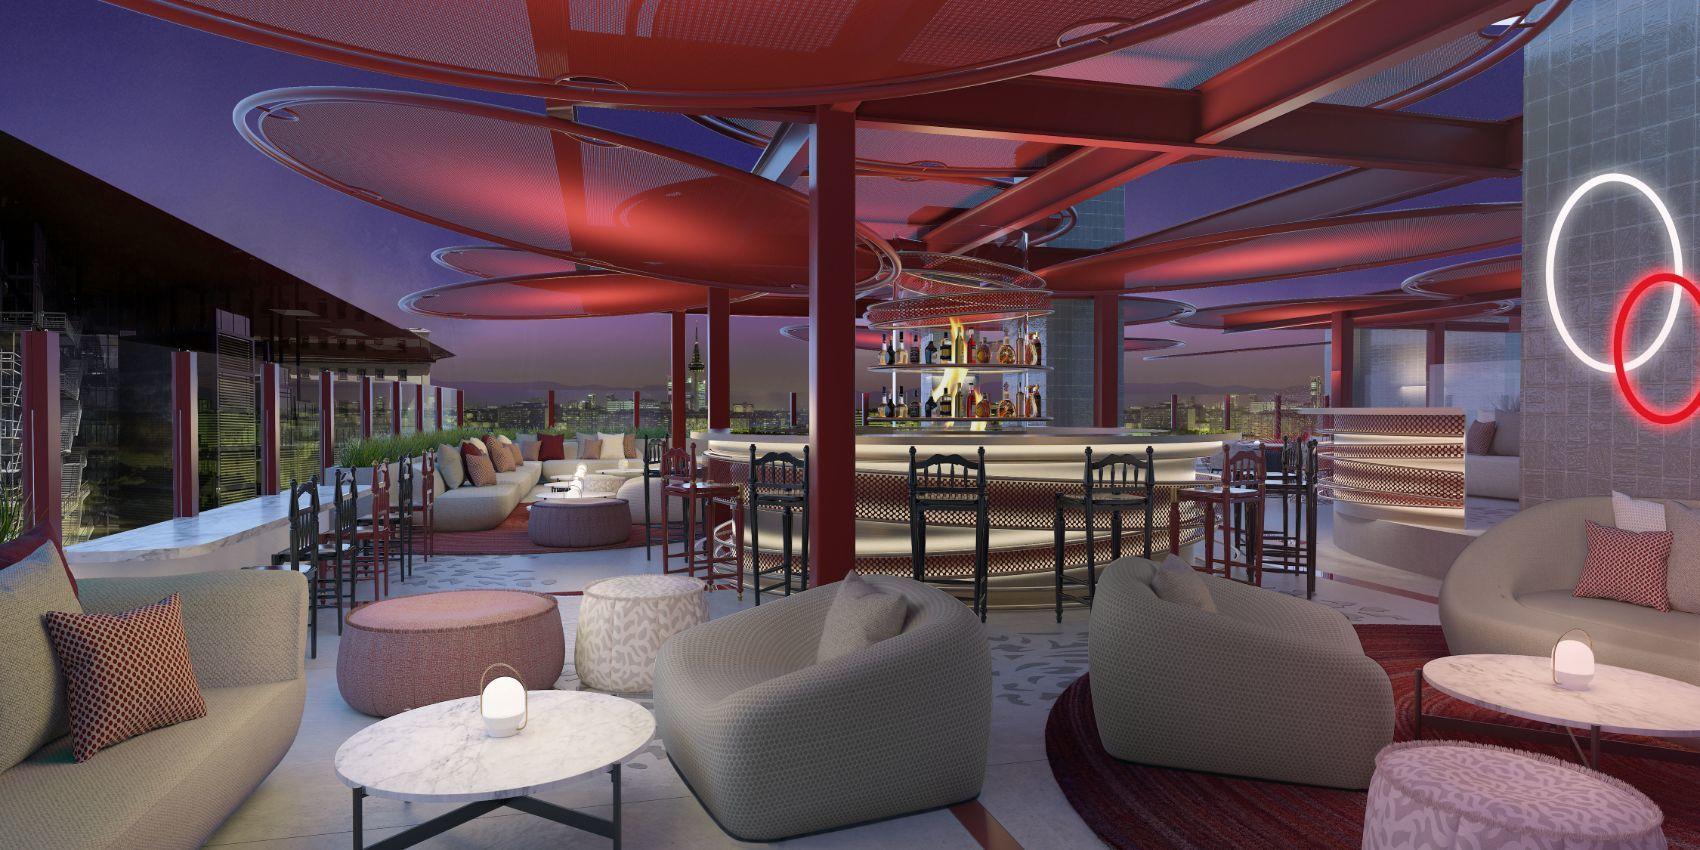 Hard Rock Hotel Madrid abrirá el 1 de julio y así es cómo será